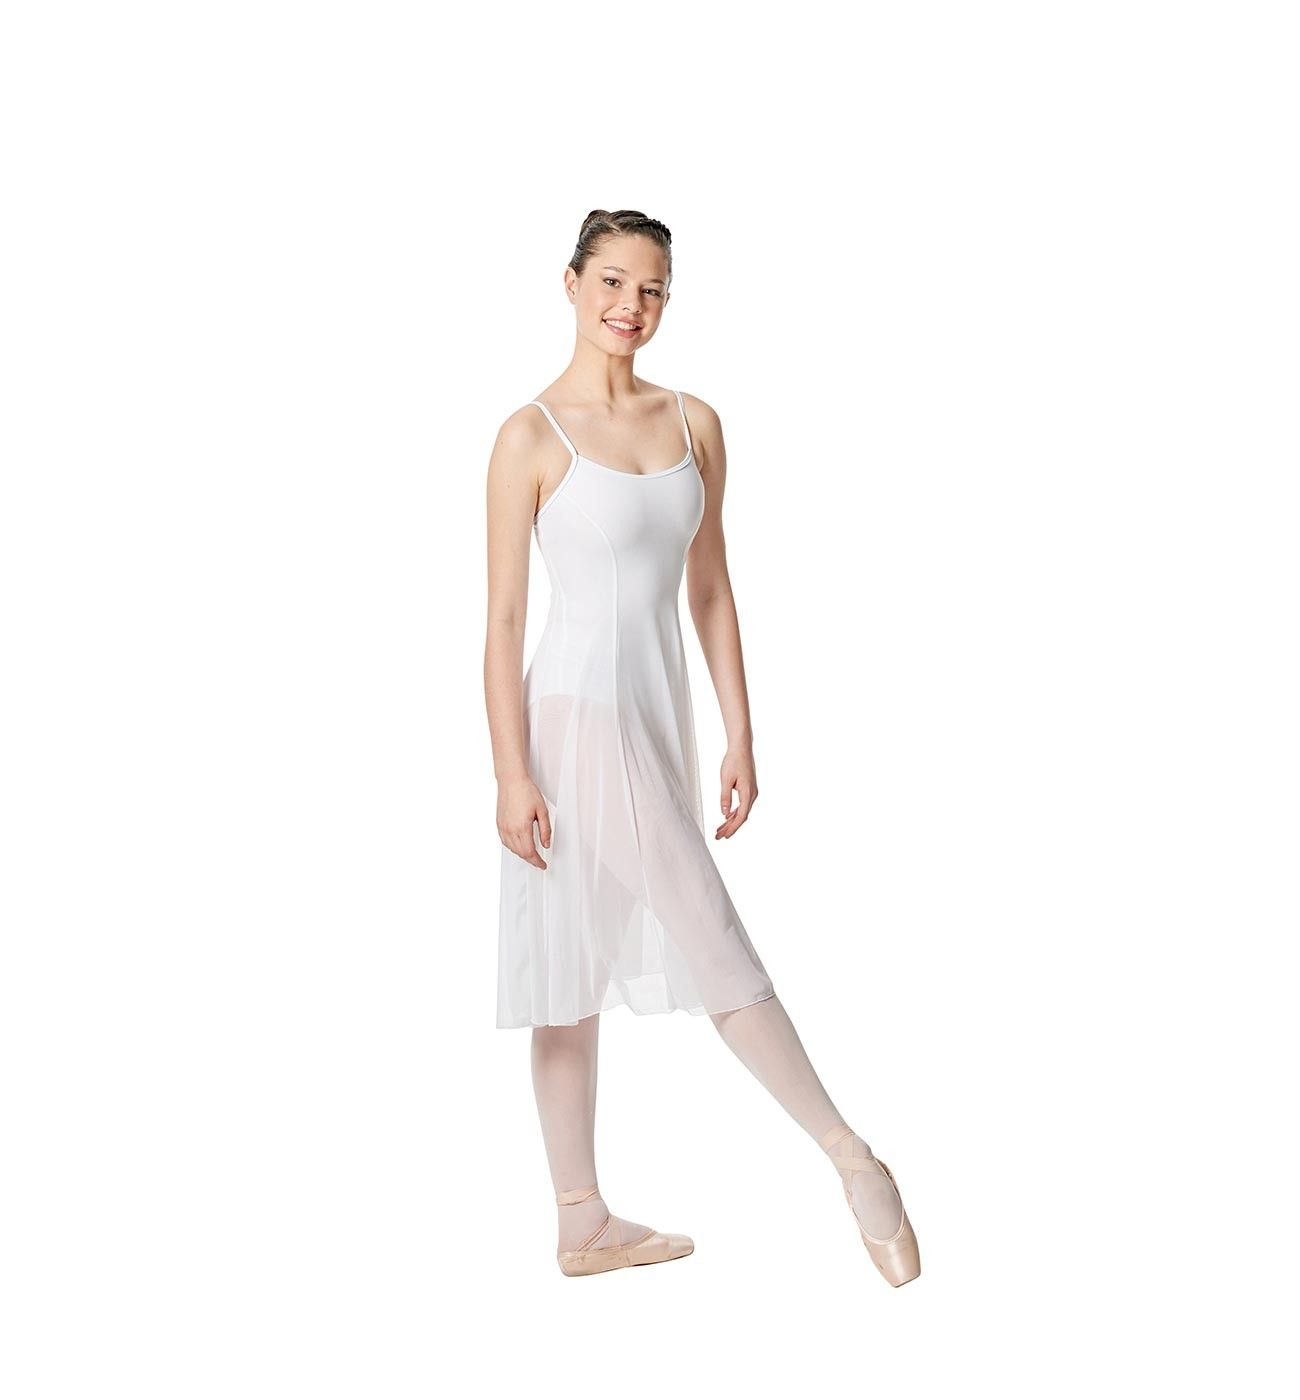 לבן שמלת בלט Claire של Lulli עם רשת ארוכה במיוחד LUB256